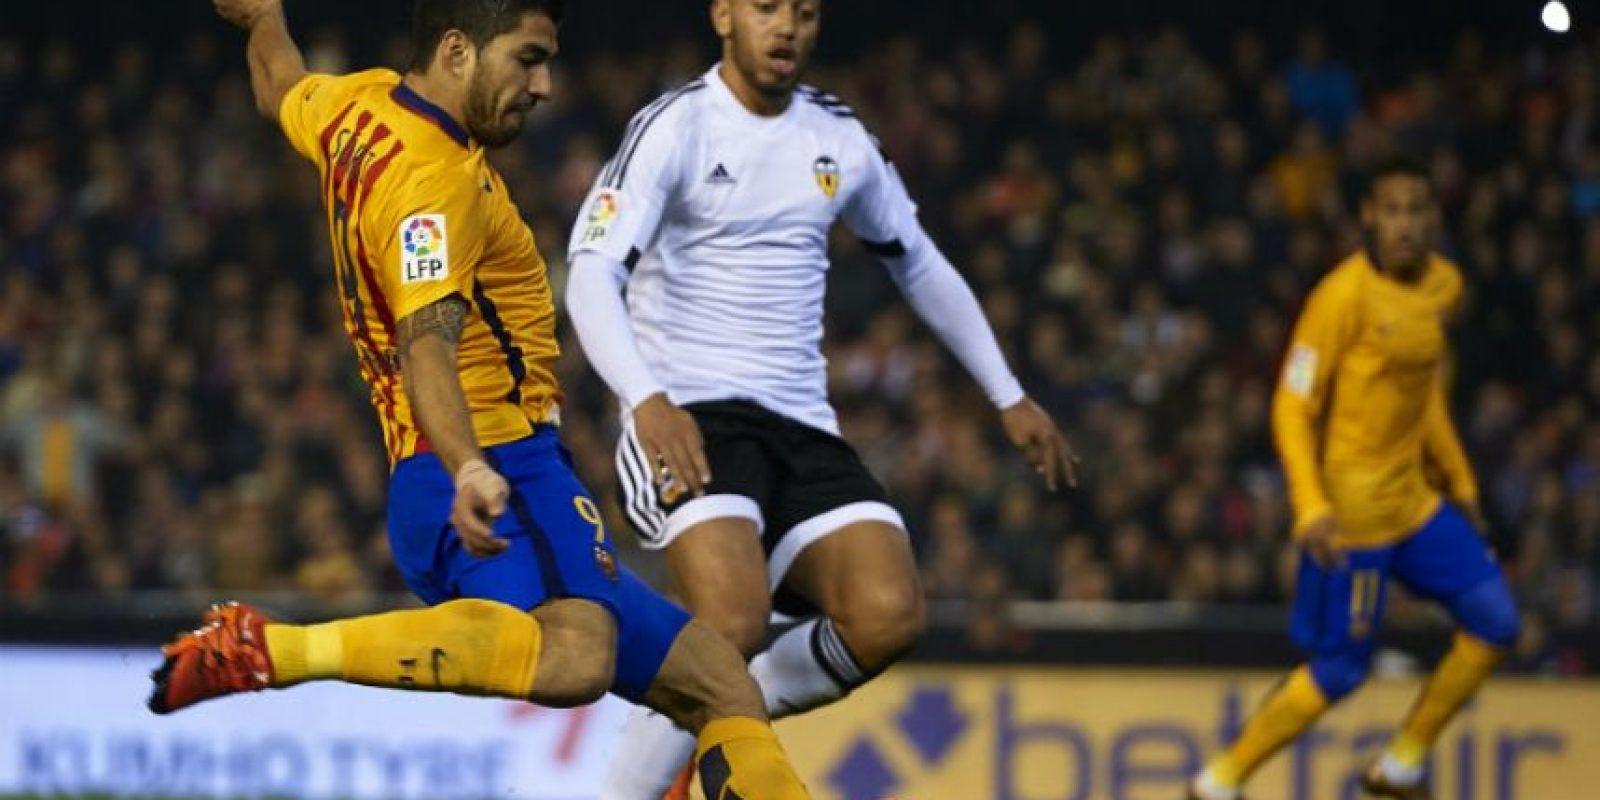 El partido de ida se juega en el Camp Nou Foto:Getty Images